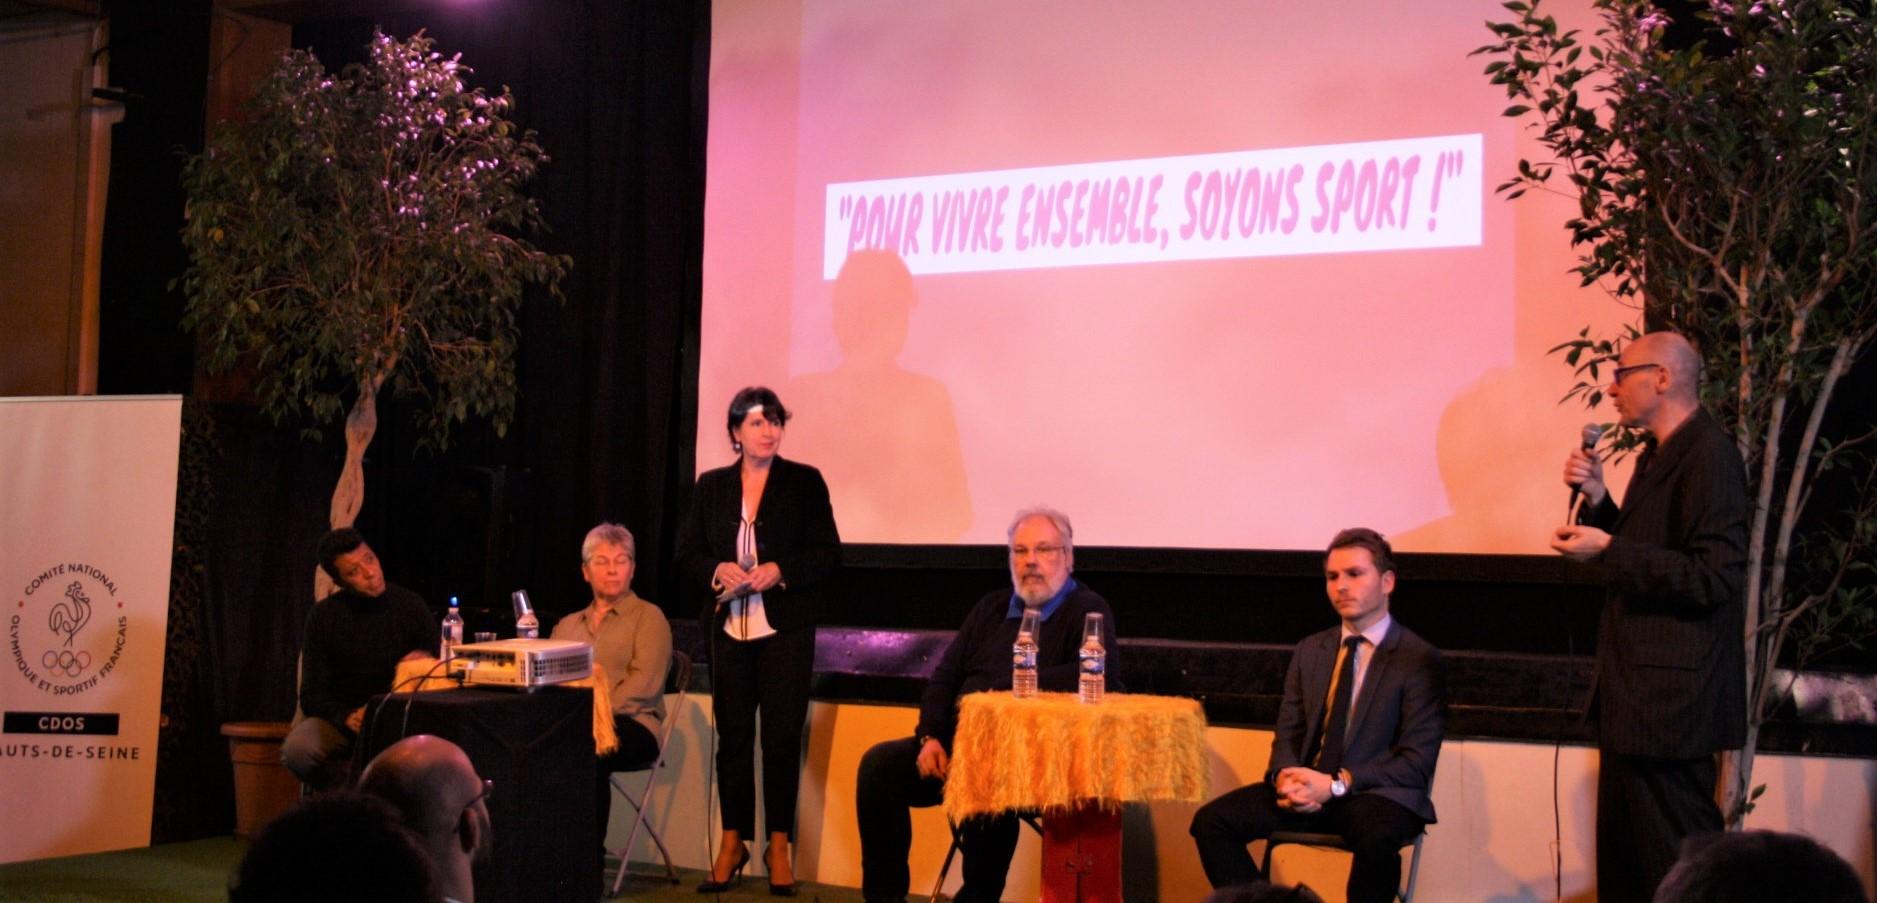 Table ronde avec (de gauche à droite) Brahim Naît-Balk, Sylvie Thivet, François Charrasse et Corentin Bob et à l'animation, Arielle Boulin-Prat et Frédéric Fort.